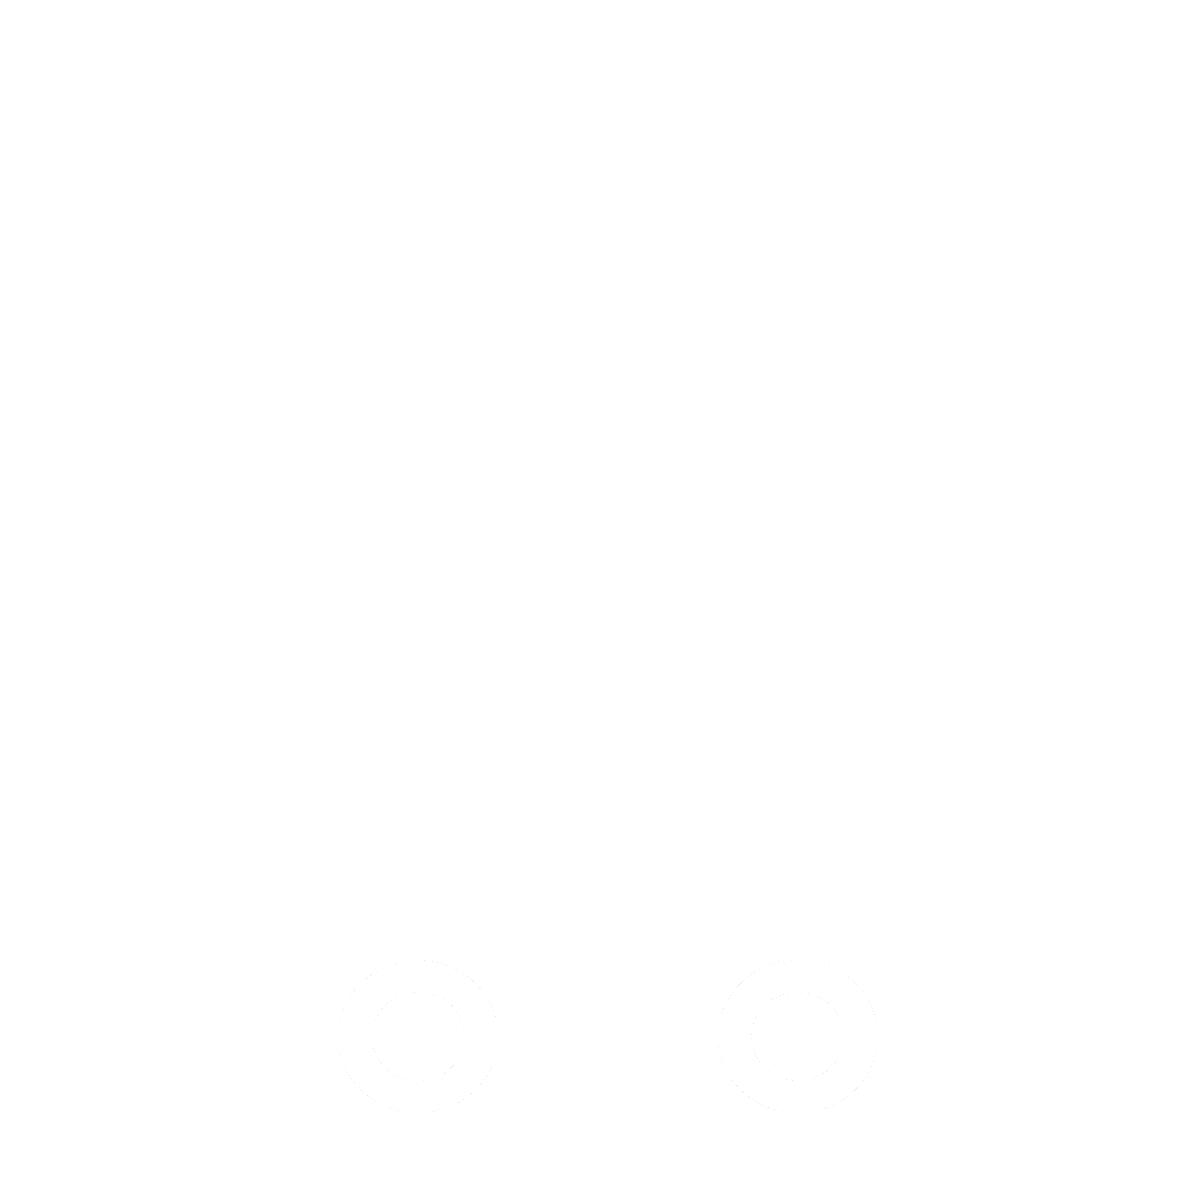 Dal set THE KITCHEN, l'icona forbici BIANCA, creata da Wojciech Zasina [www.be.net/wzasina] e usata su www.cucinodite.it da Giorgio Giorgetti, personal chef Varese Como Milano Lombardia